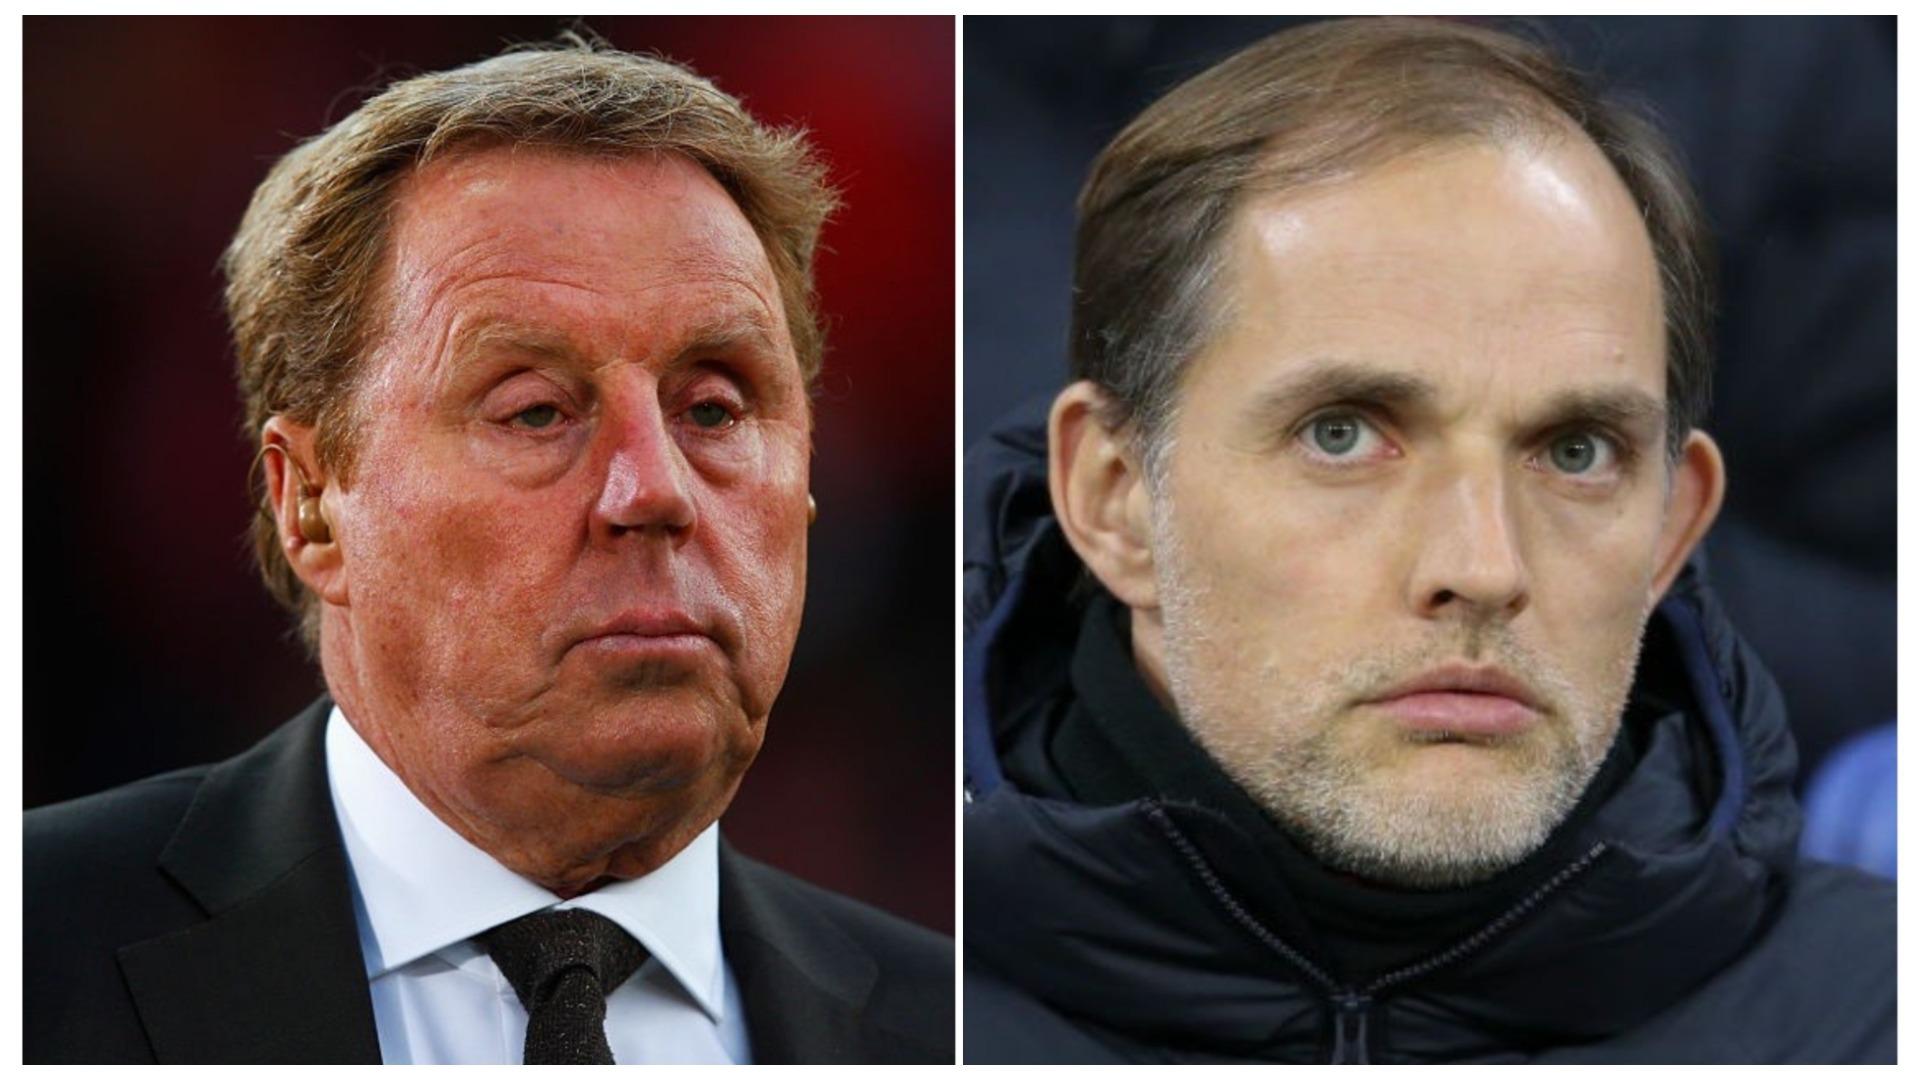 Tuchel drejt Chelsea, Redknapp s'duron: Kush ju tha që është trajner i madh?!